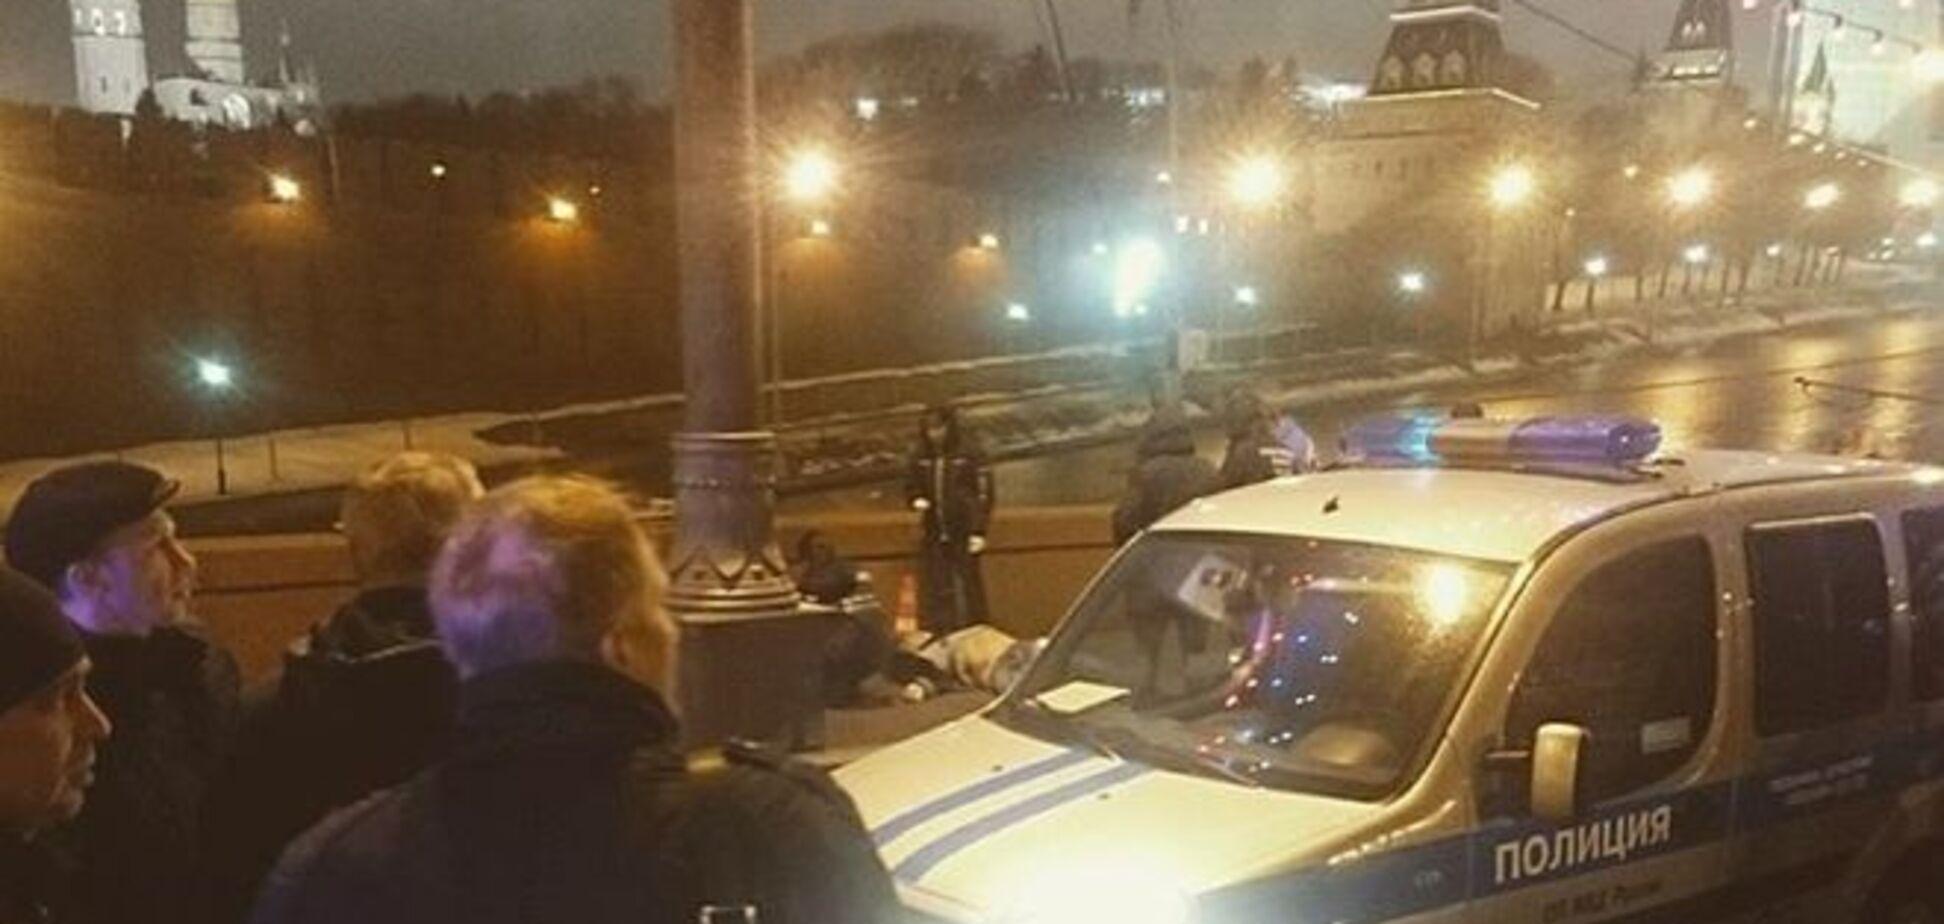 Не удивлюсь, если Путин припрется на похороны Немцова - Кох